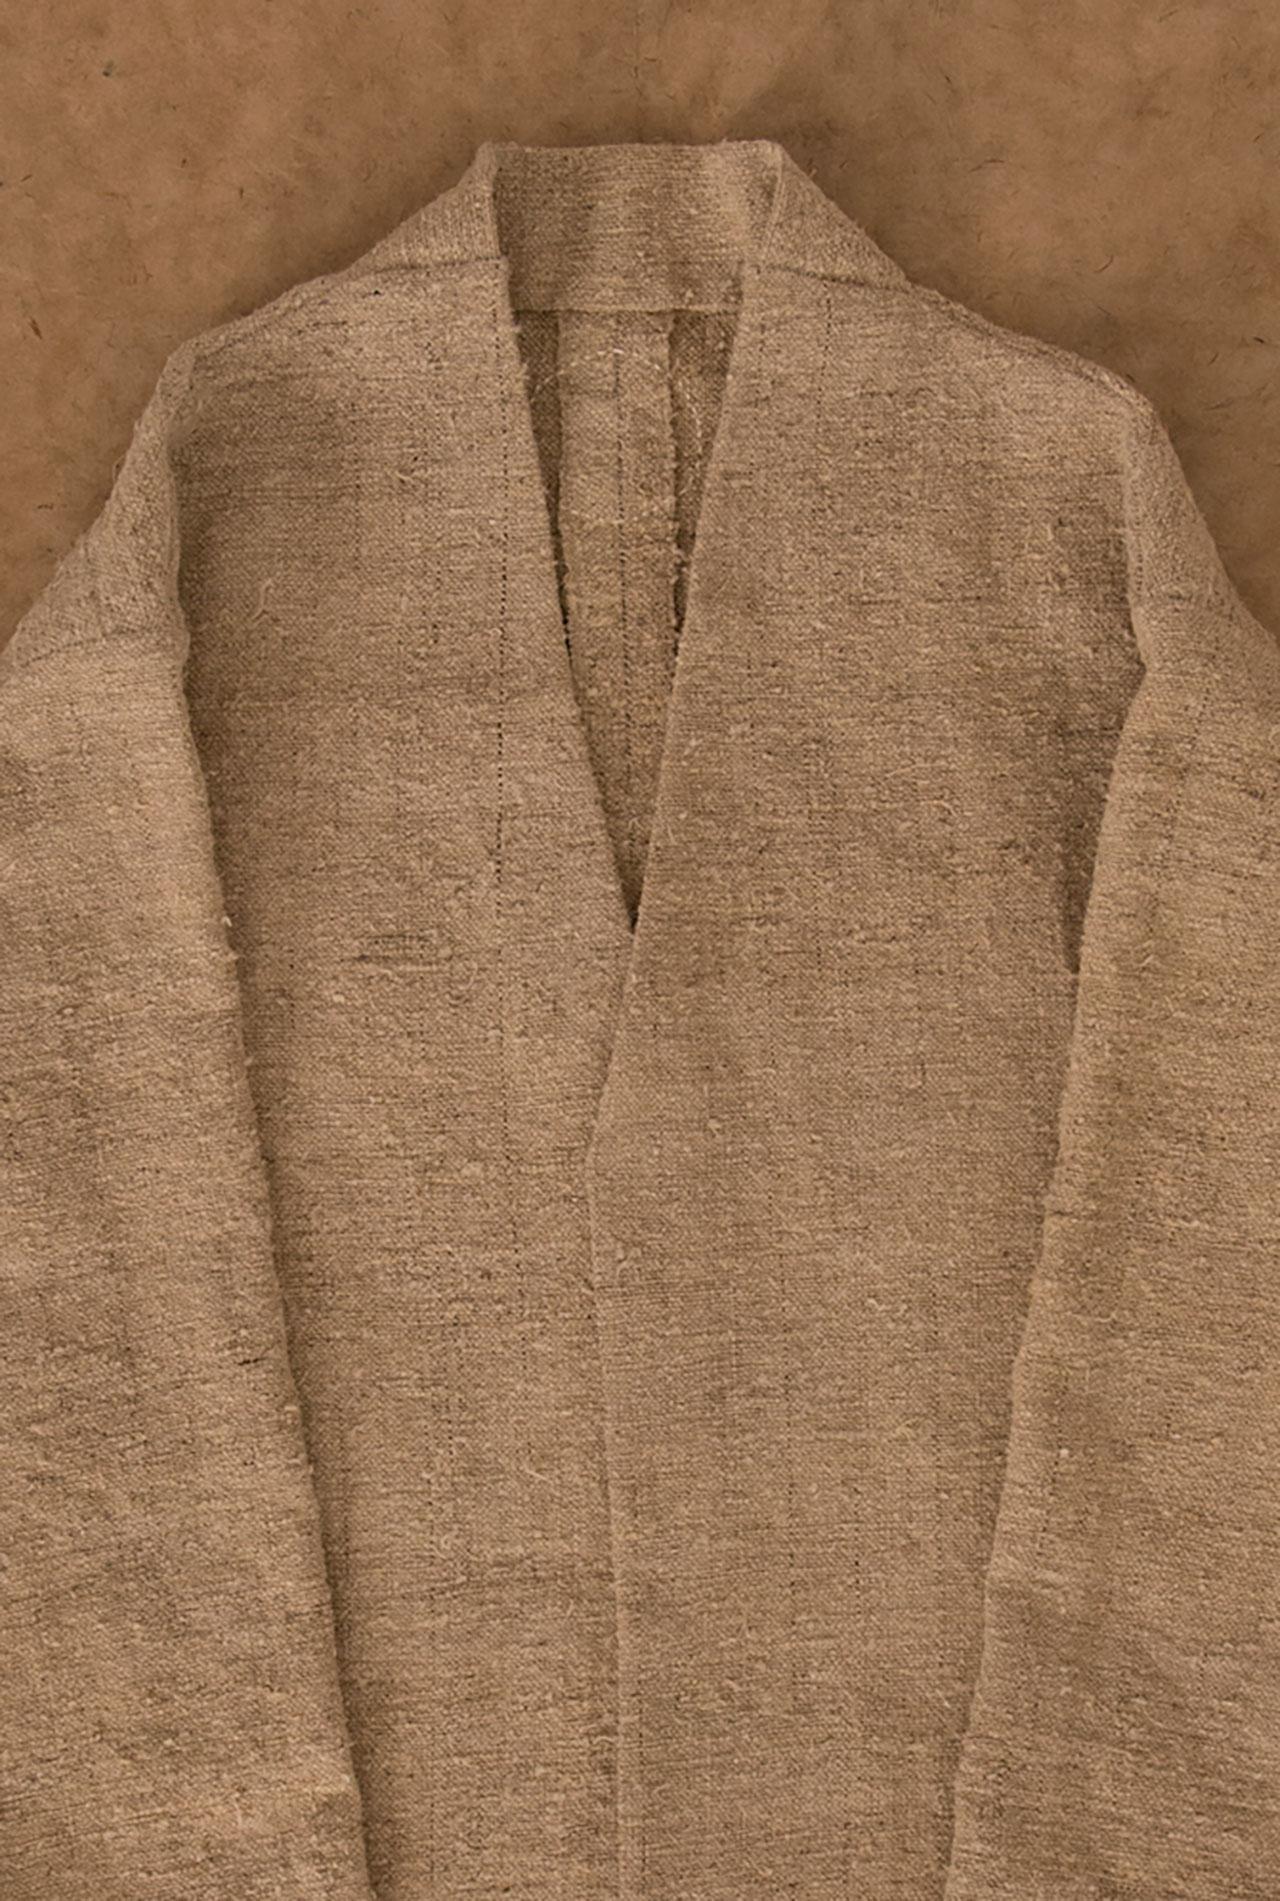 オクソザックリの羽織